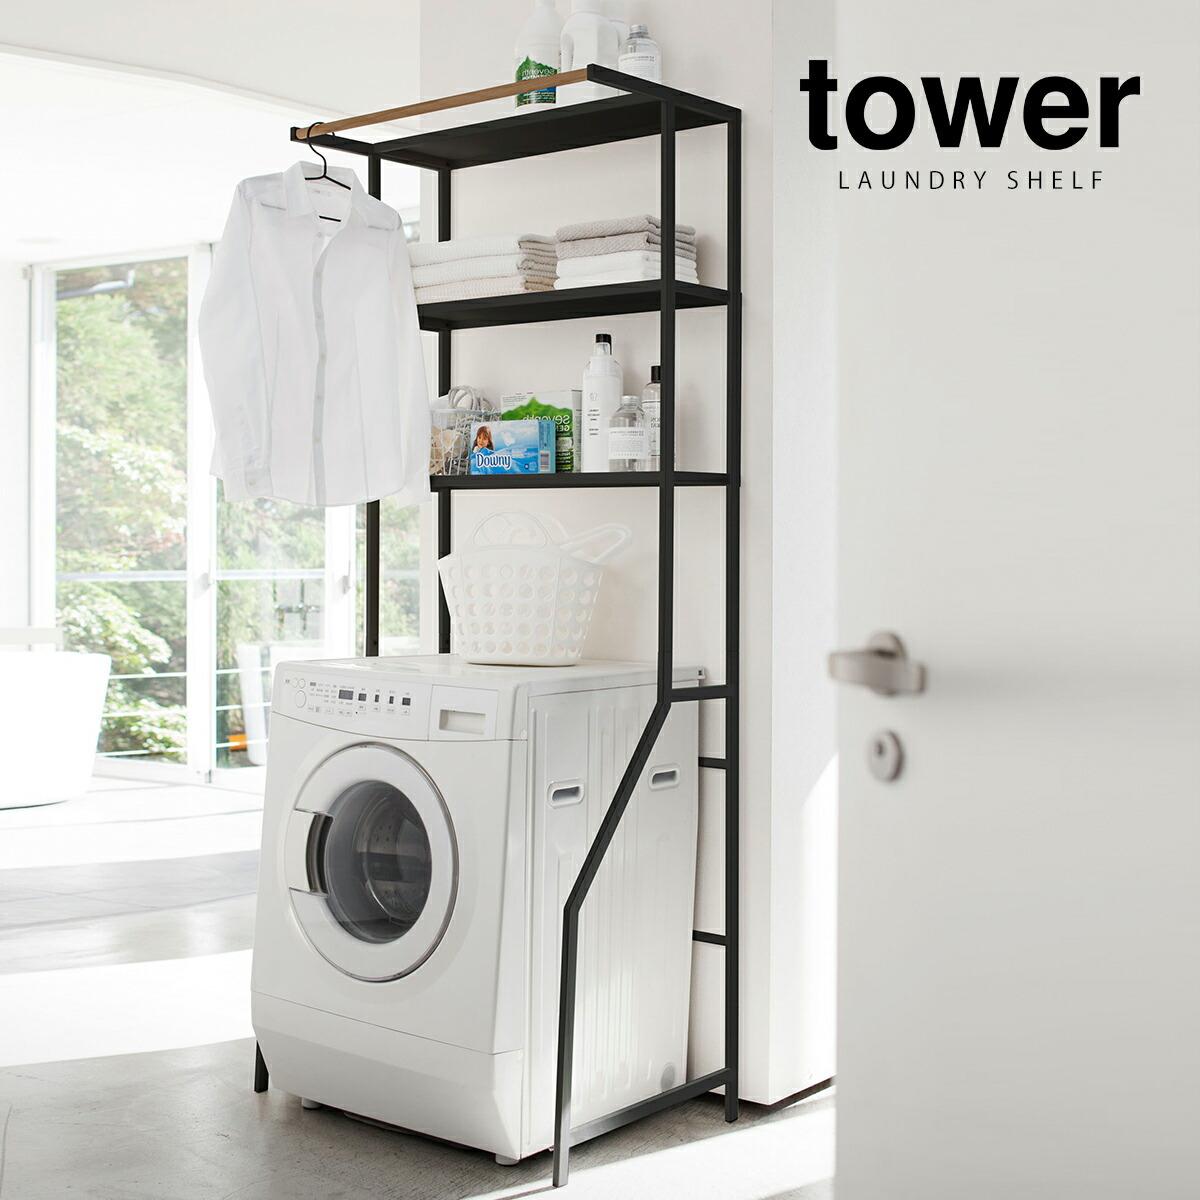 tower / タワー ランドリーシェルフ洗濯機 ランドリー ラック 収納 スリム シンプル ナチュラル スチール